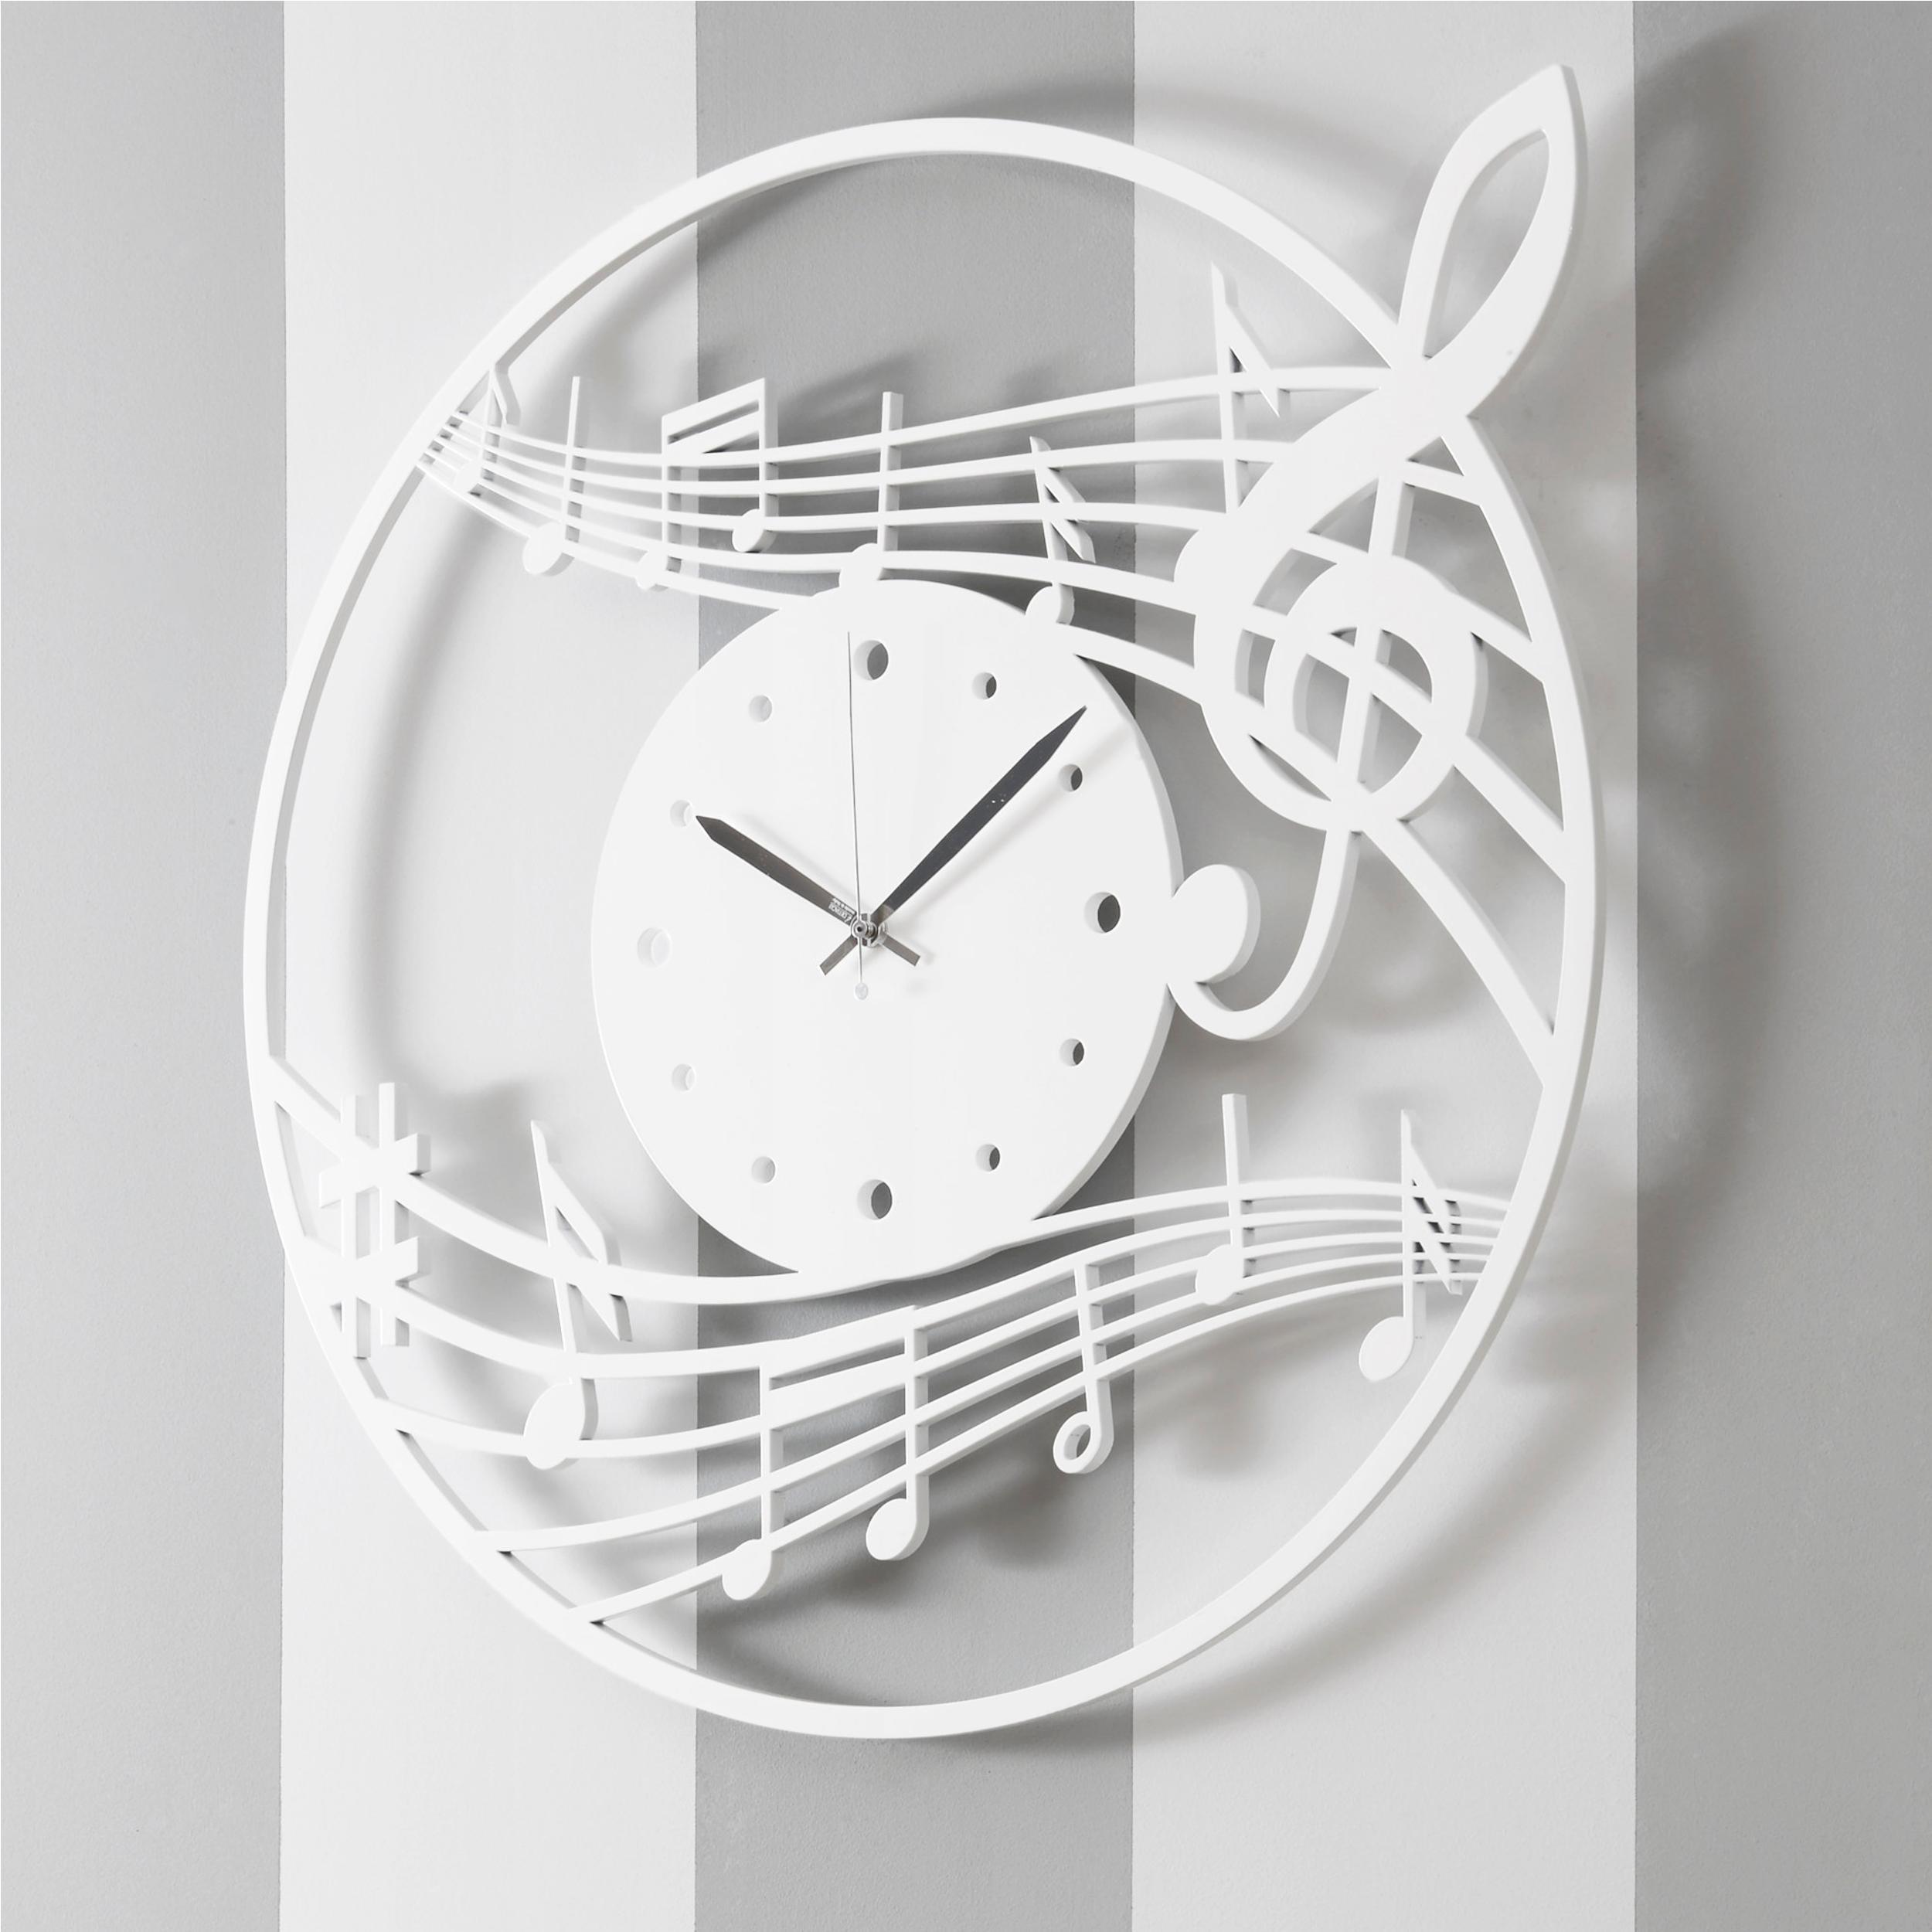 Orologio da parete Rotondo diametro 70 cm in legno MUSICALMENTE tagliato al laser in legno laccato bianco